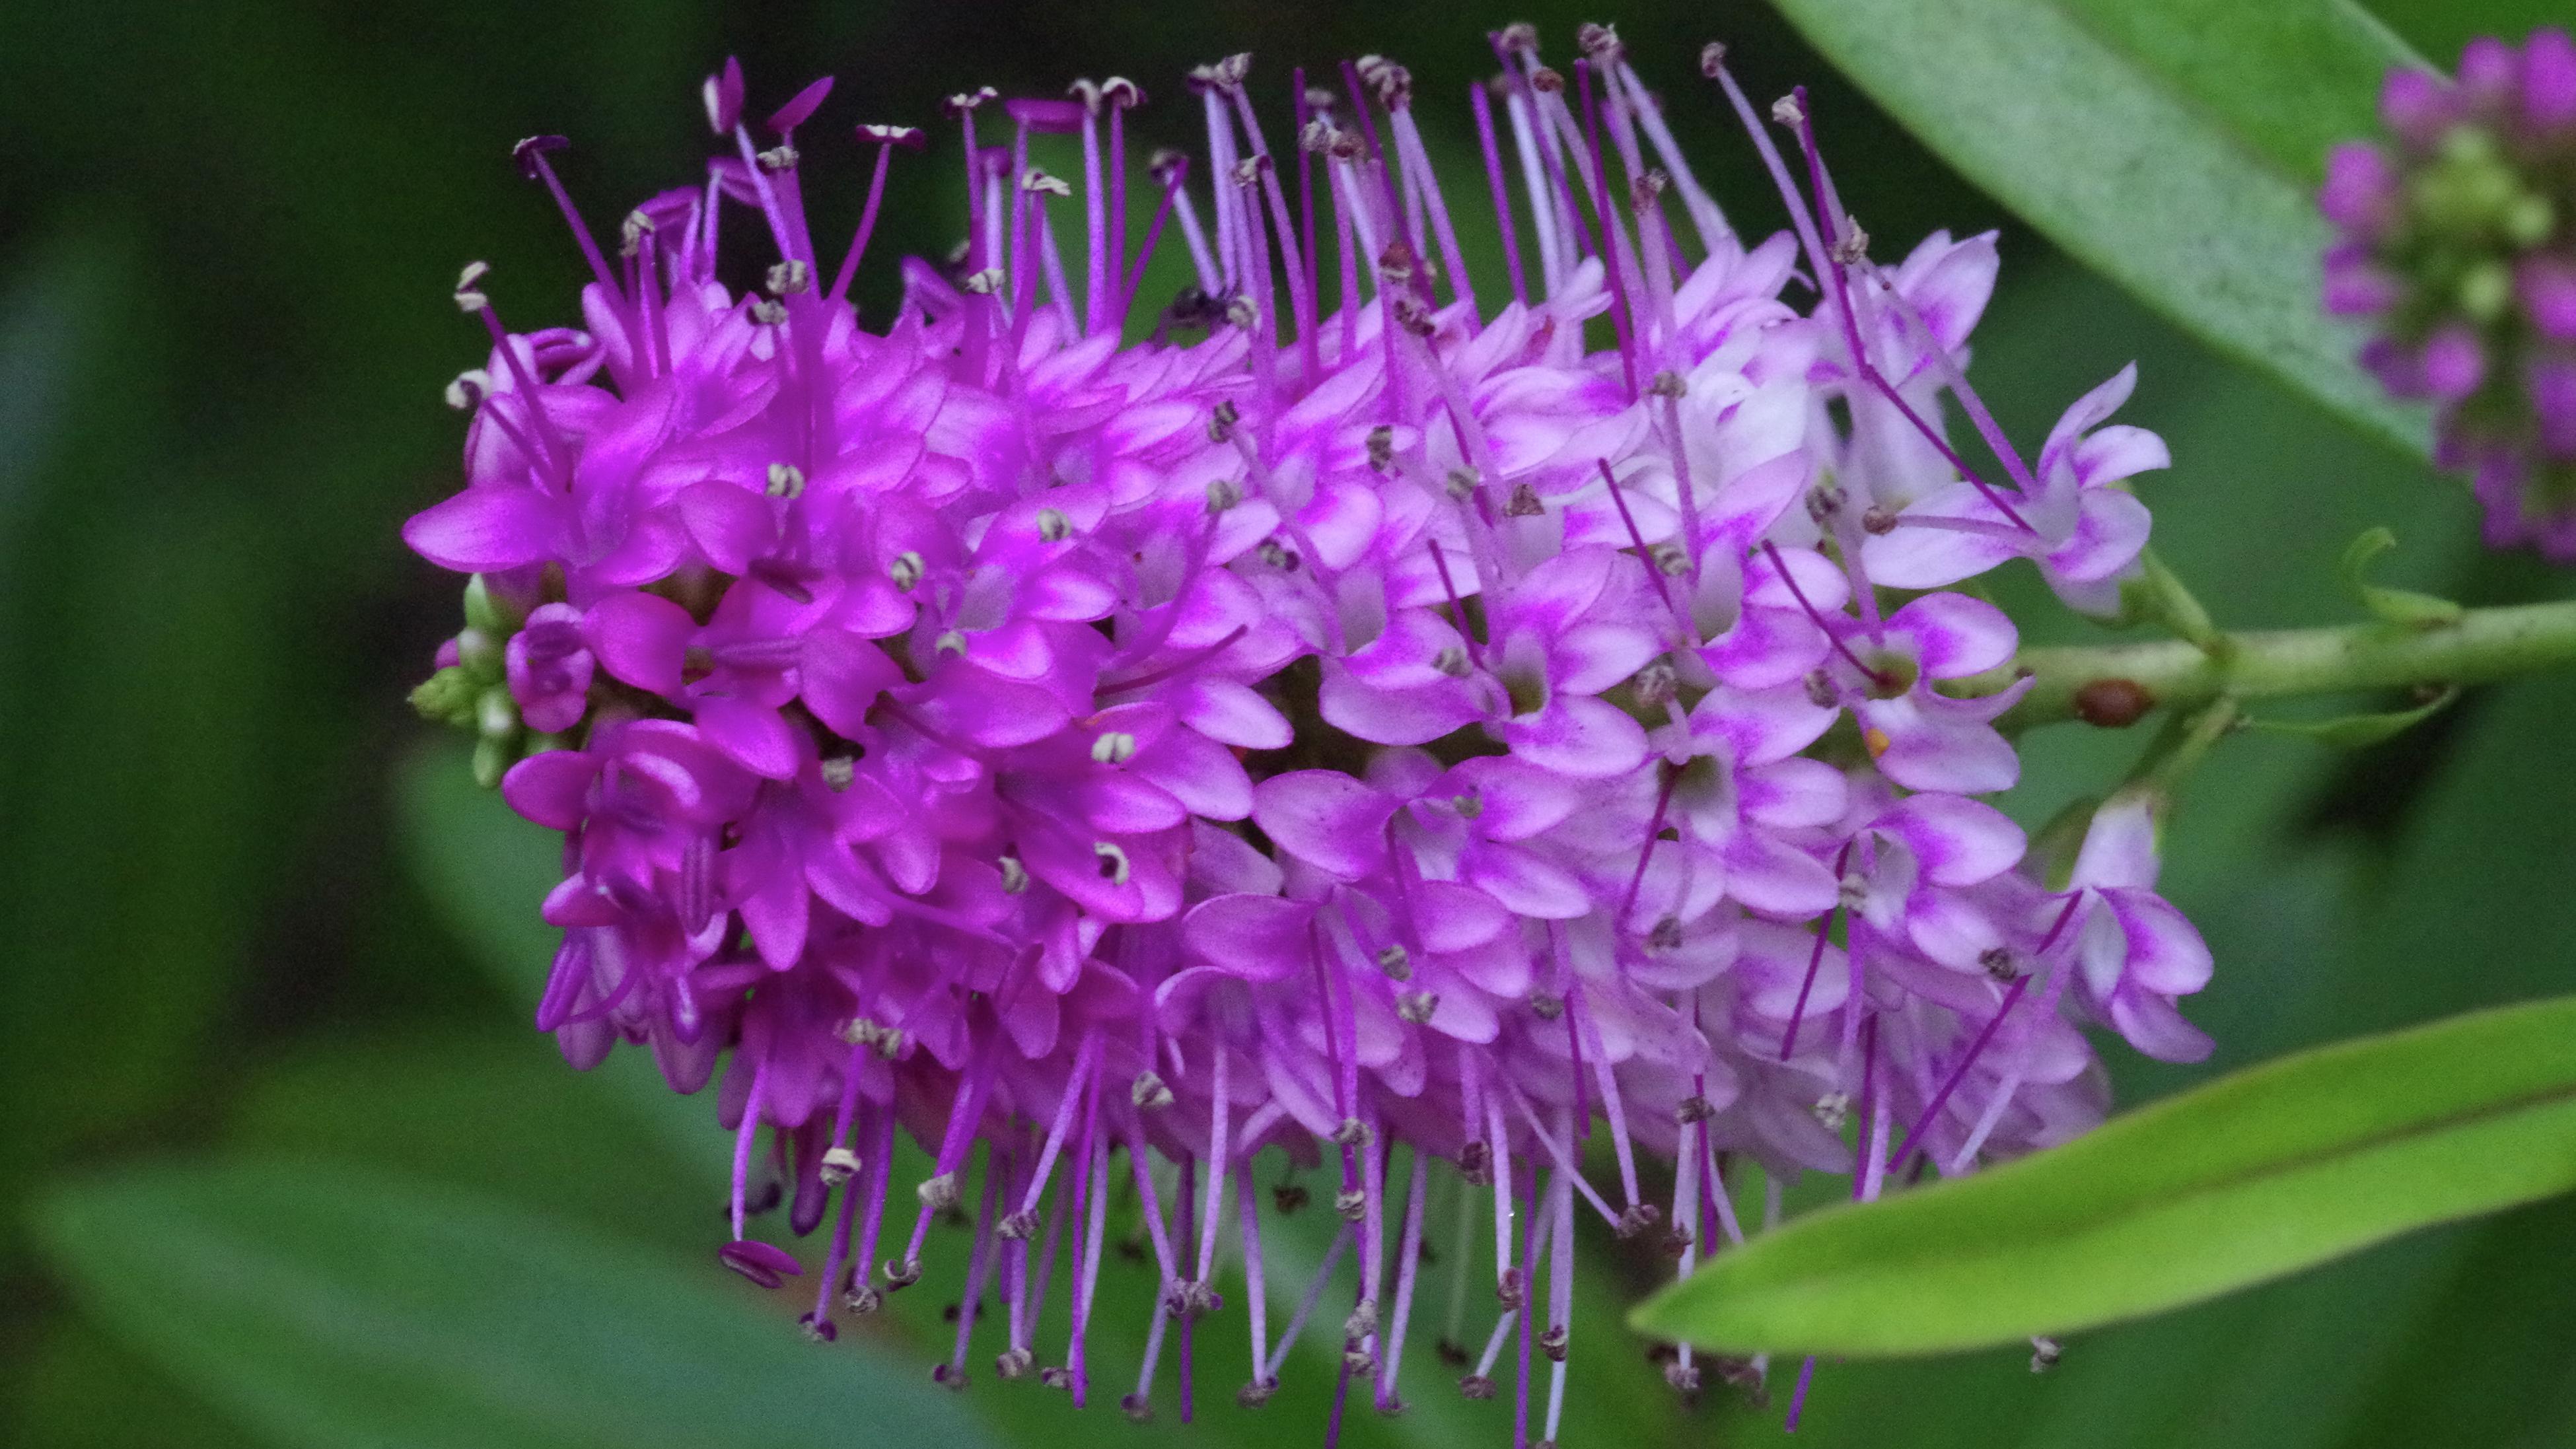 A purple hebe flower